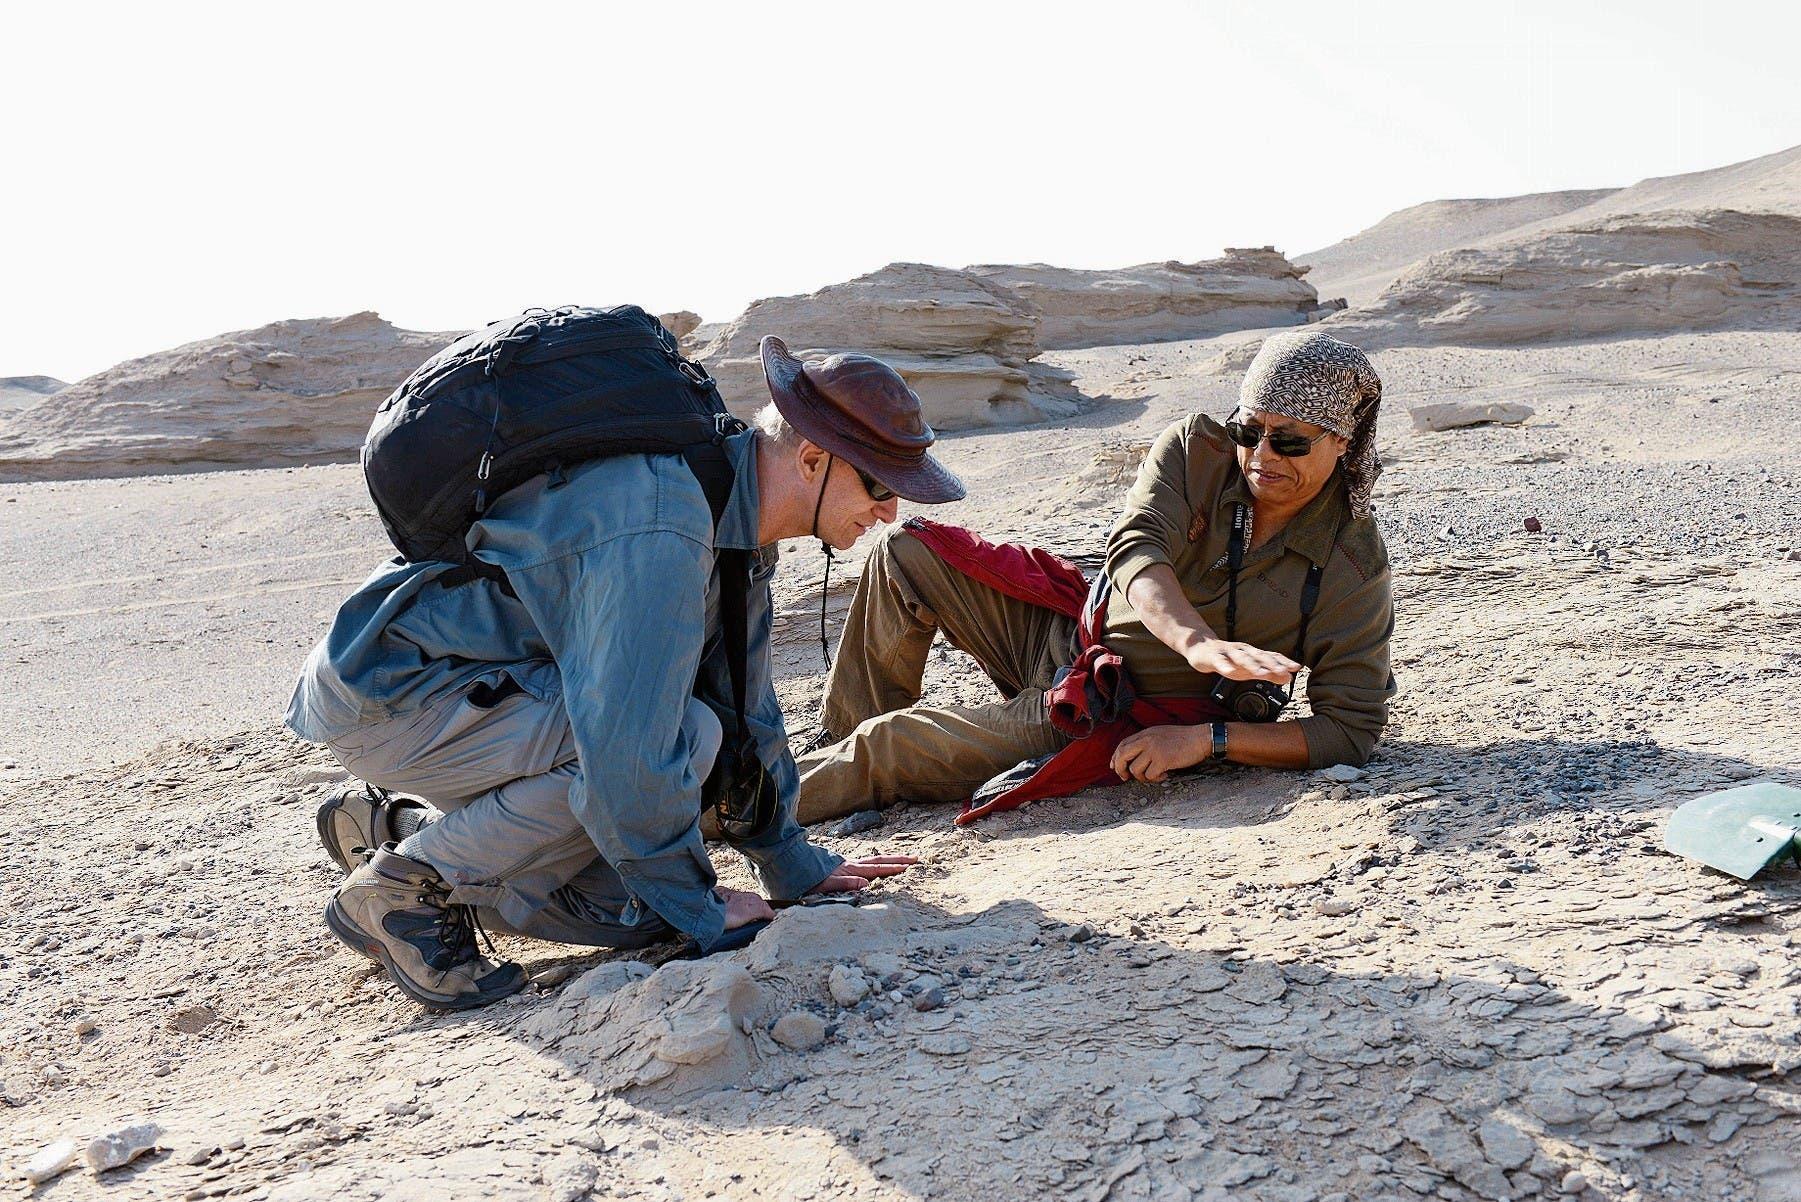 Die Stelle in der chinesischen Wüste, wo Alexander Kellner (links) die Flugsaurier-Eier ausgrub. (Bild: imago/Xinhua)